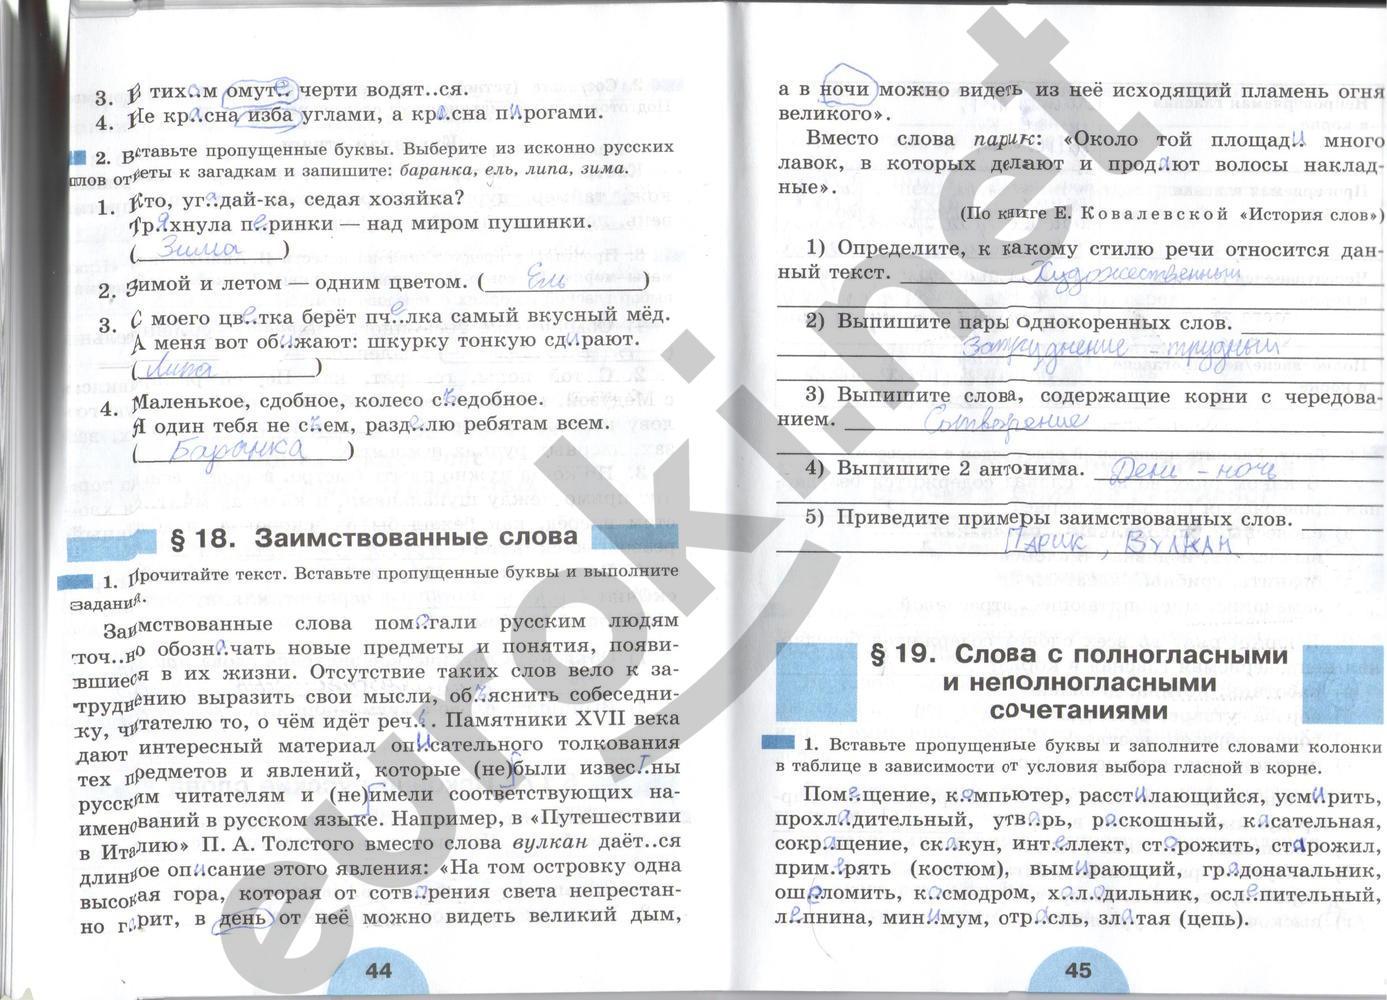 гдз по русскому языку 6 класса рыбченкова роговик рабочая тетрадь часть 2